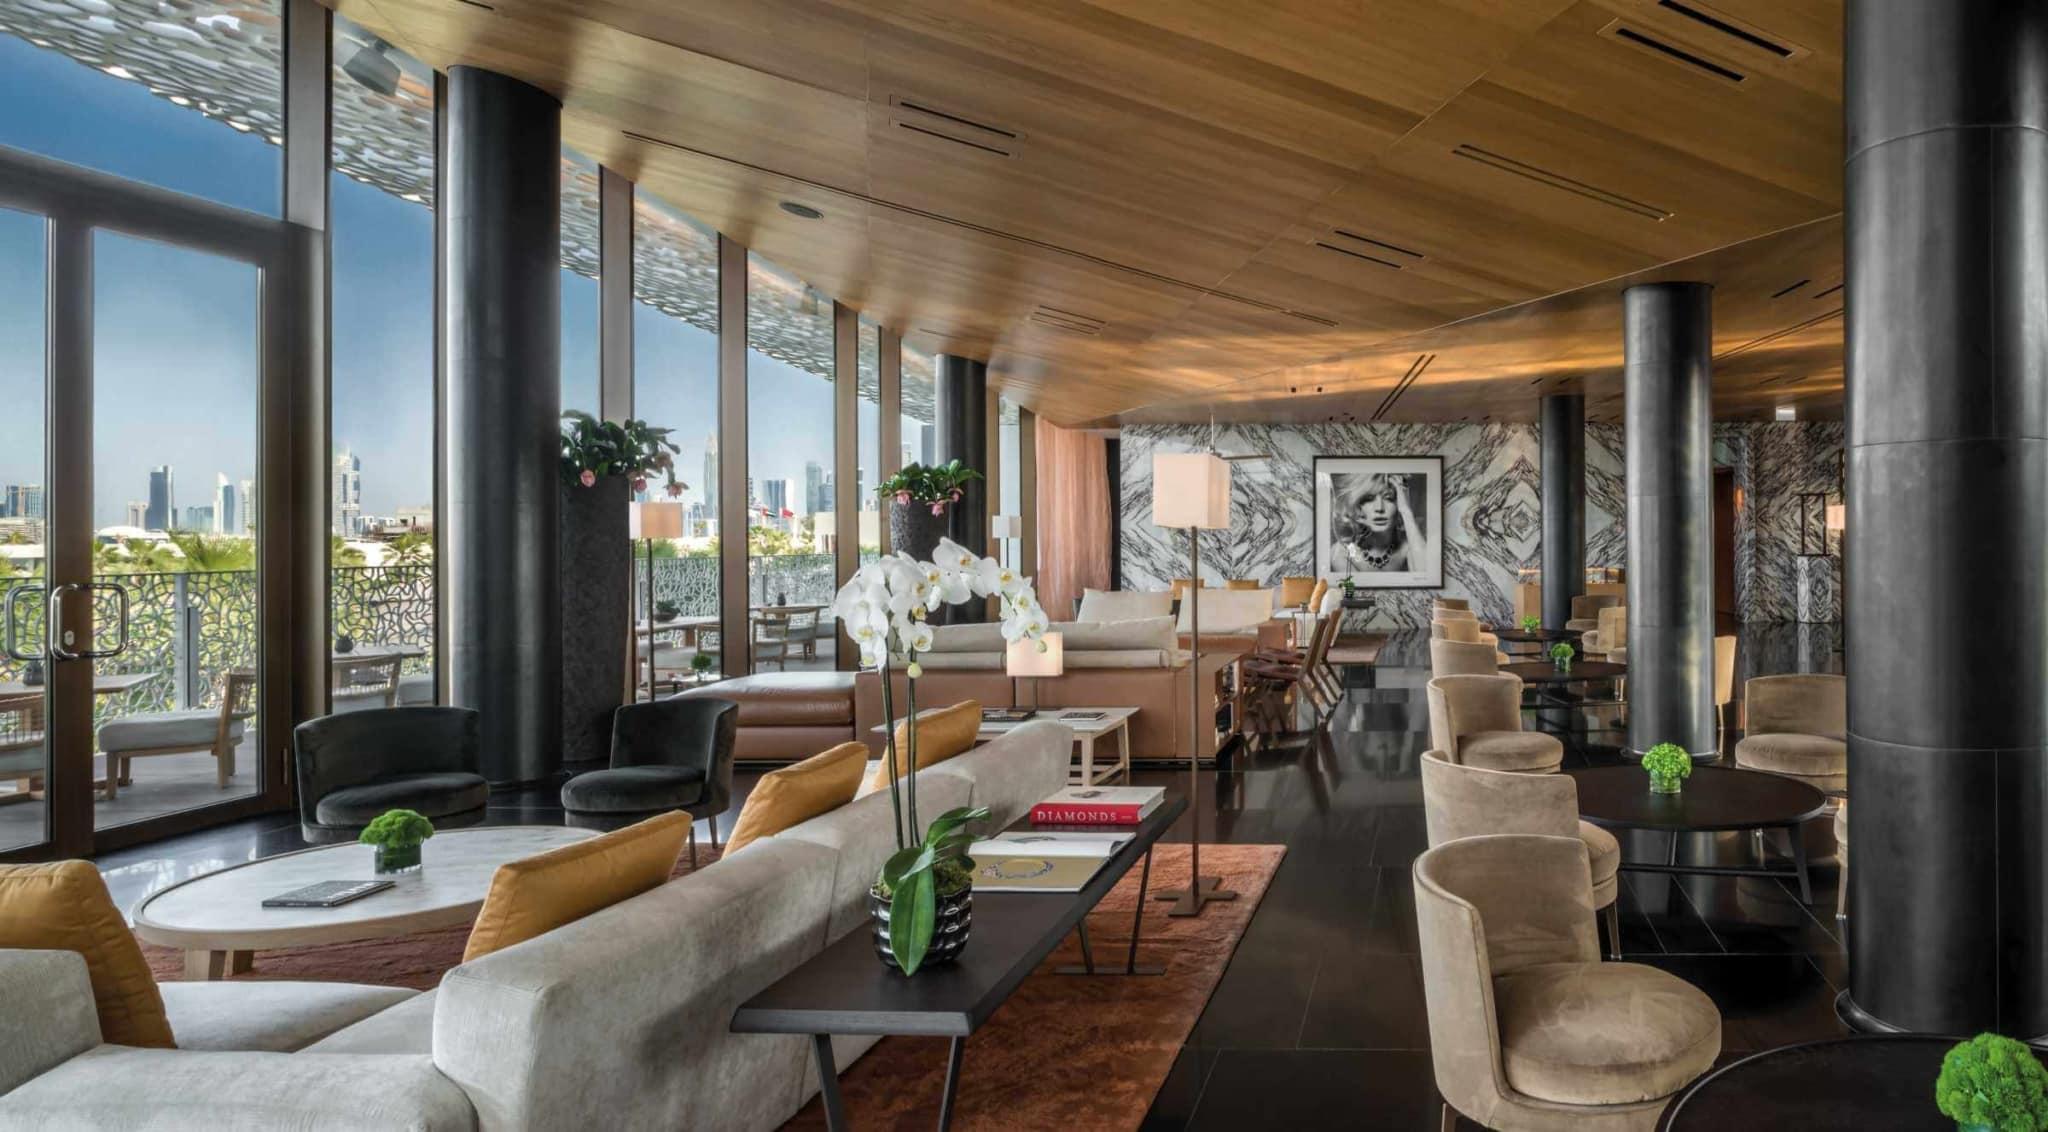 Побалуйте себе відпочинком у розкішному готелі, дизайн якого  поєднує в собі італійський та середземноморський мотиви.